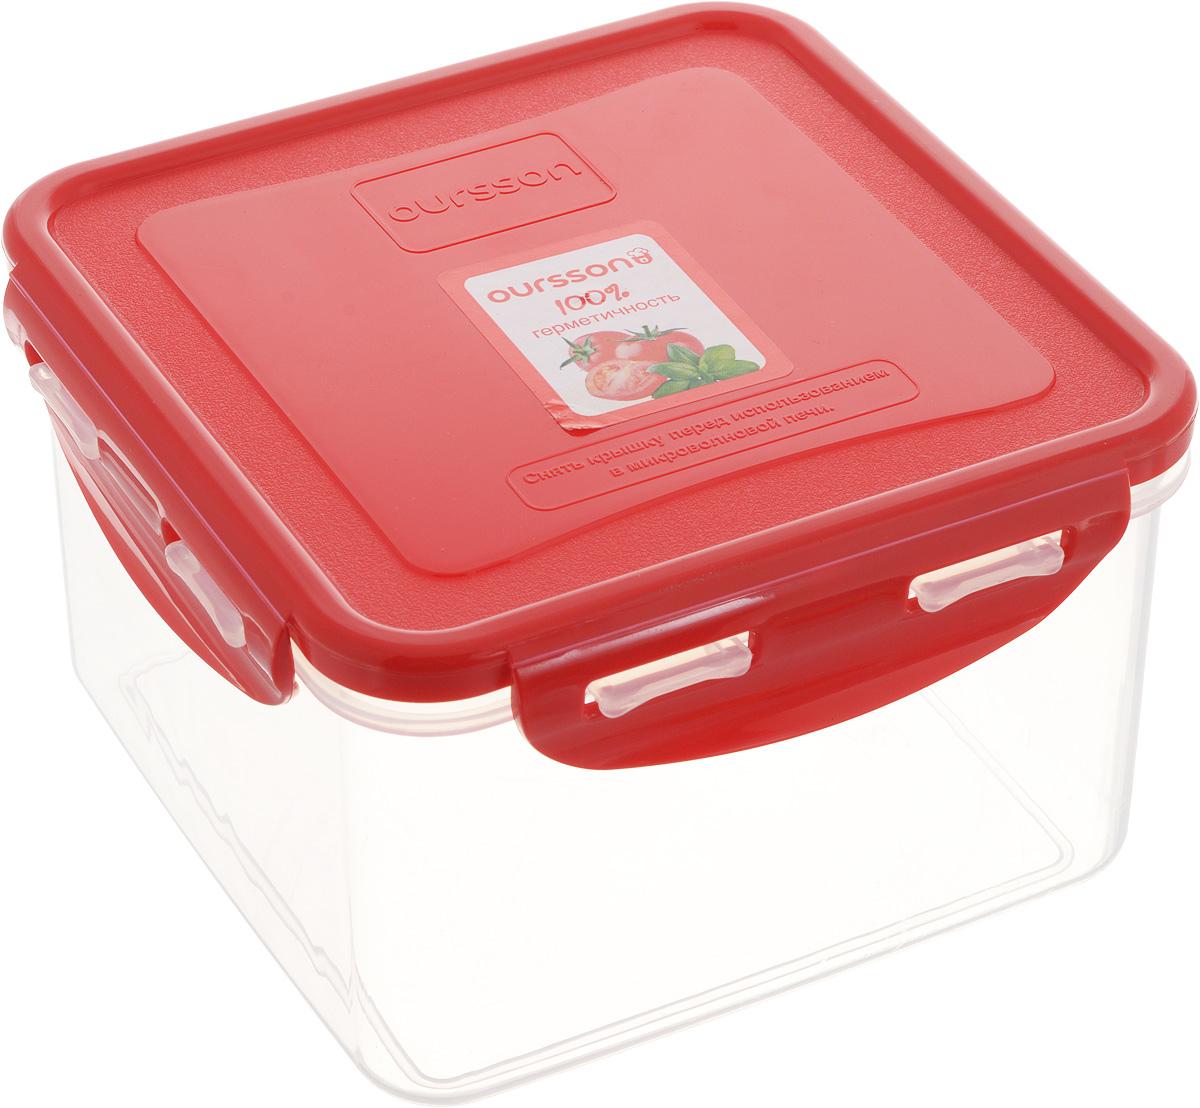 Контейнер пищевой Oursson, квадратный, цвет: красный, 1,25 лCP1303S/RDПрочный и удобный контейнер Oursson изготовлен из высококачественного полипропилена и предназначен для хранения любых пищевых продуктов. Благодаря особым технологиям изготовления, лотки в течение времени службы не меняют цвет и не пропитываются запахами. Крышка с силиконовой вставкой герметично защелкивается специальным механизмом. Контейнер удобен для ежедневного использования в быту. Можно мыть в посудомоечной машине и использовать в микроволновой печи. Размер контейнера (с учетом крышки): 14,5 х 14,5 х 9 см.